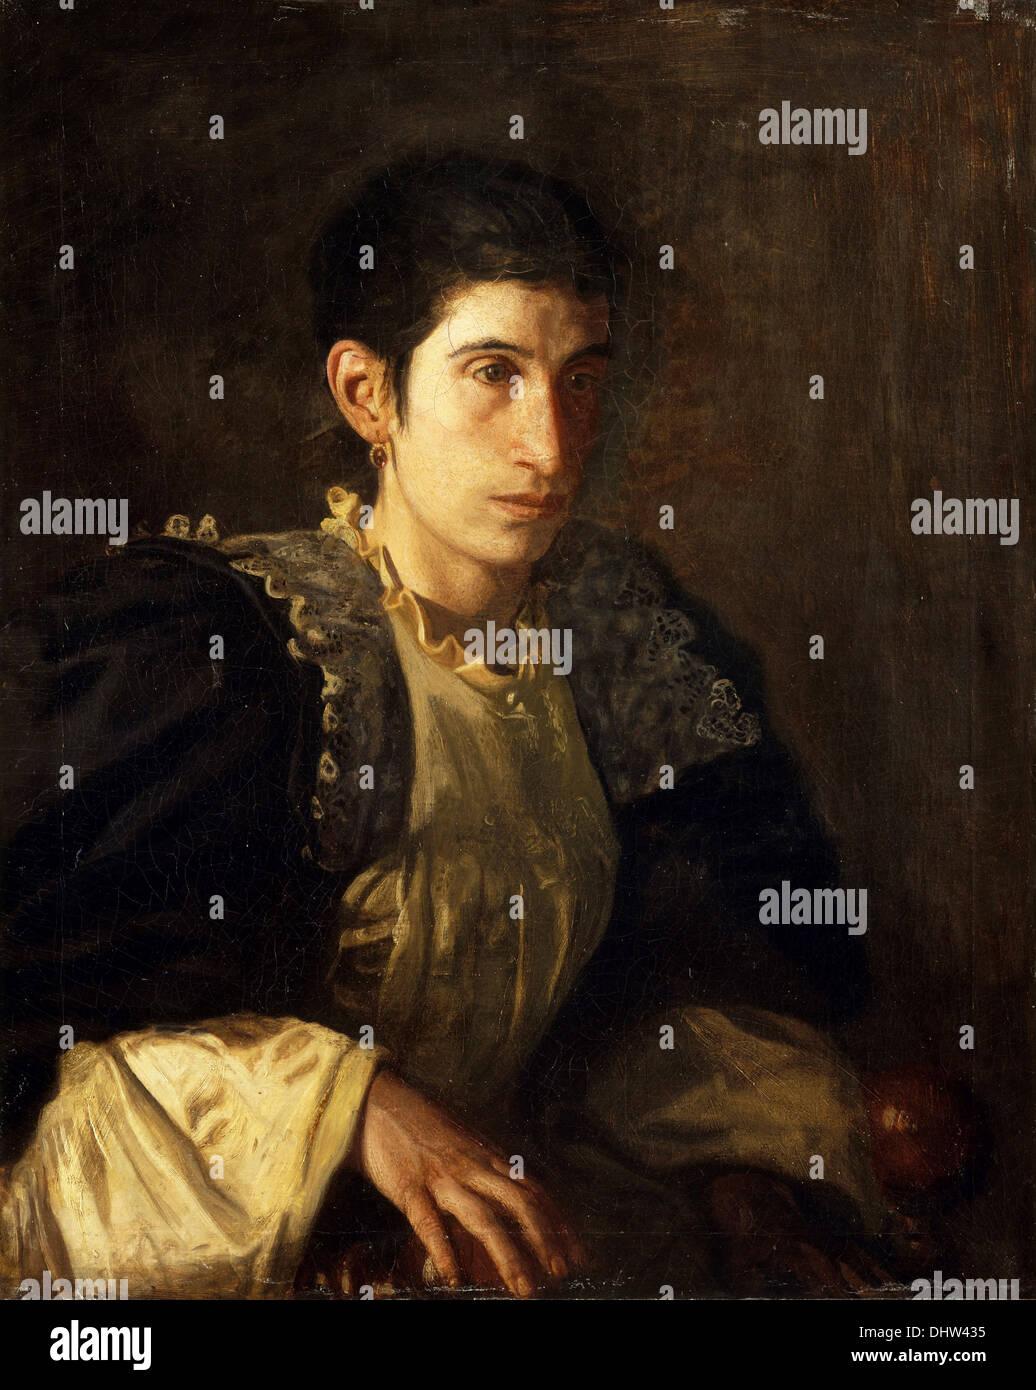 Signora Gomez d'Arza - by Thomas Eakins, 1902 - Stock Image